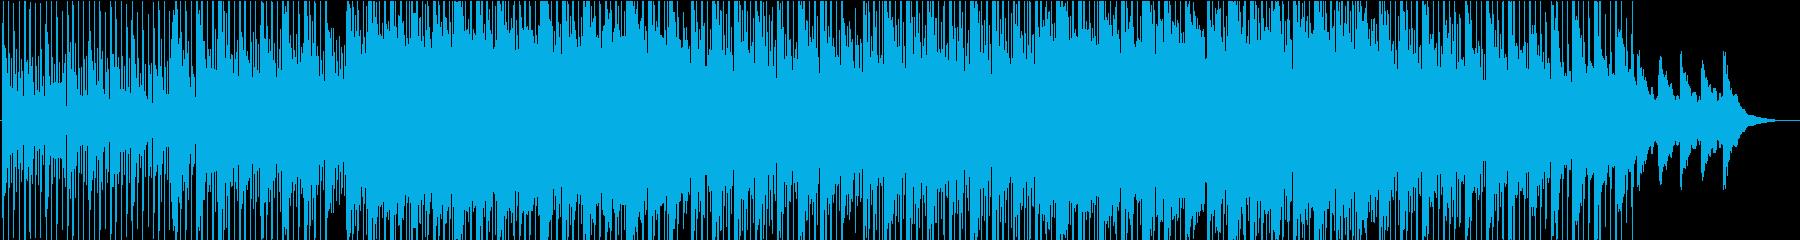 シンプルで明るく前向きなコーポレート音楽の再生済みの波形